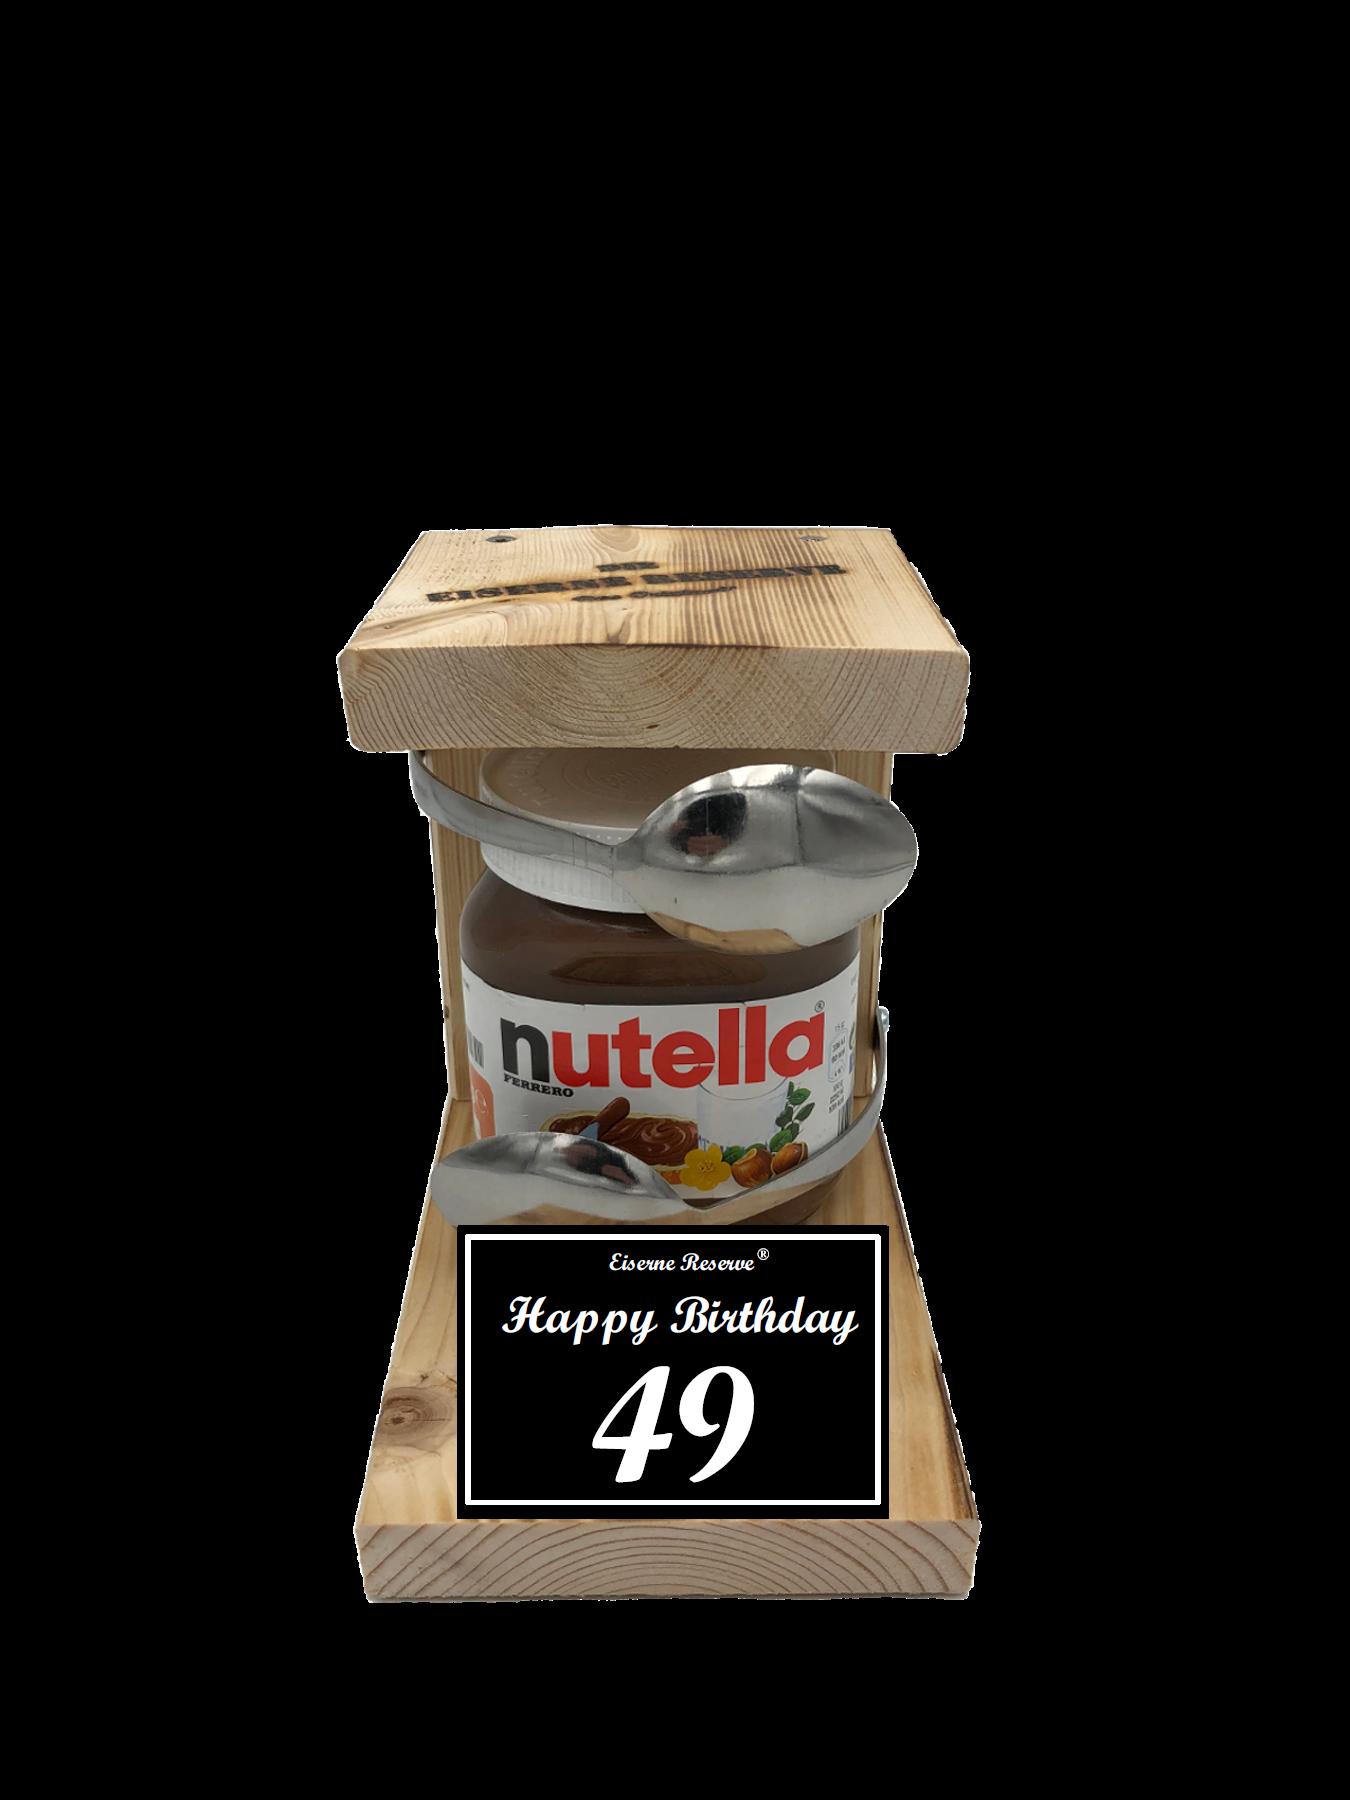 49 Happy Birthday Löffel Nutella Geschenk - Die Nutella Geschenkidee